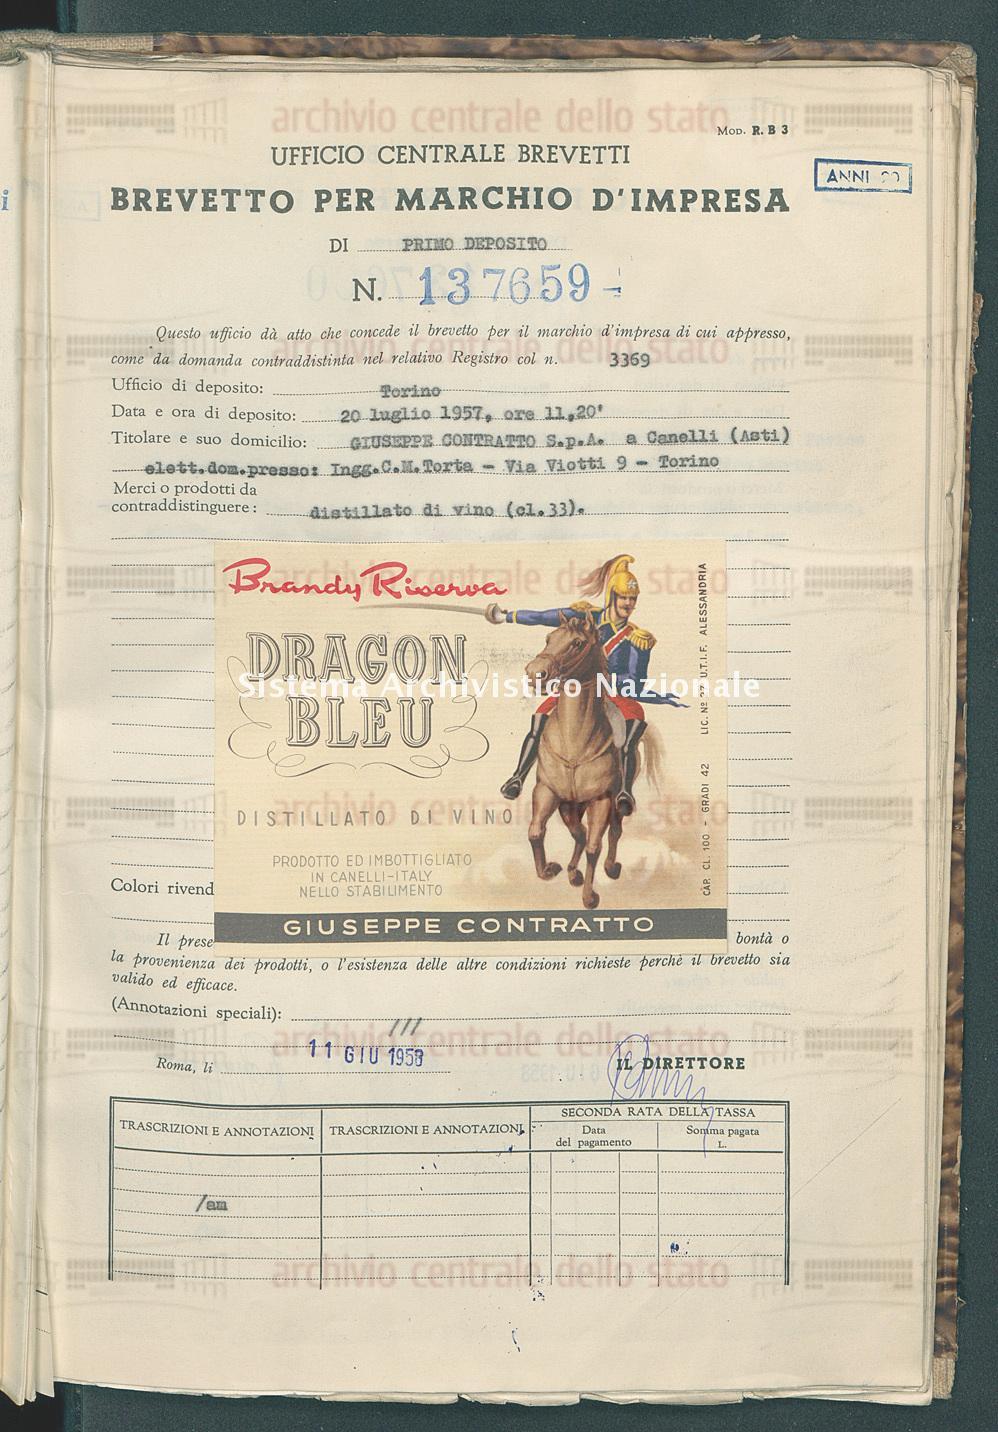 Distillato di vino Giuseppe Contratto S.P.A. (11/06/1958)